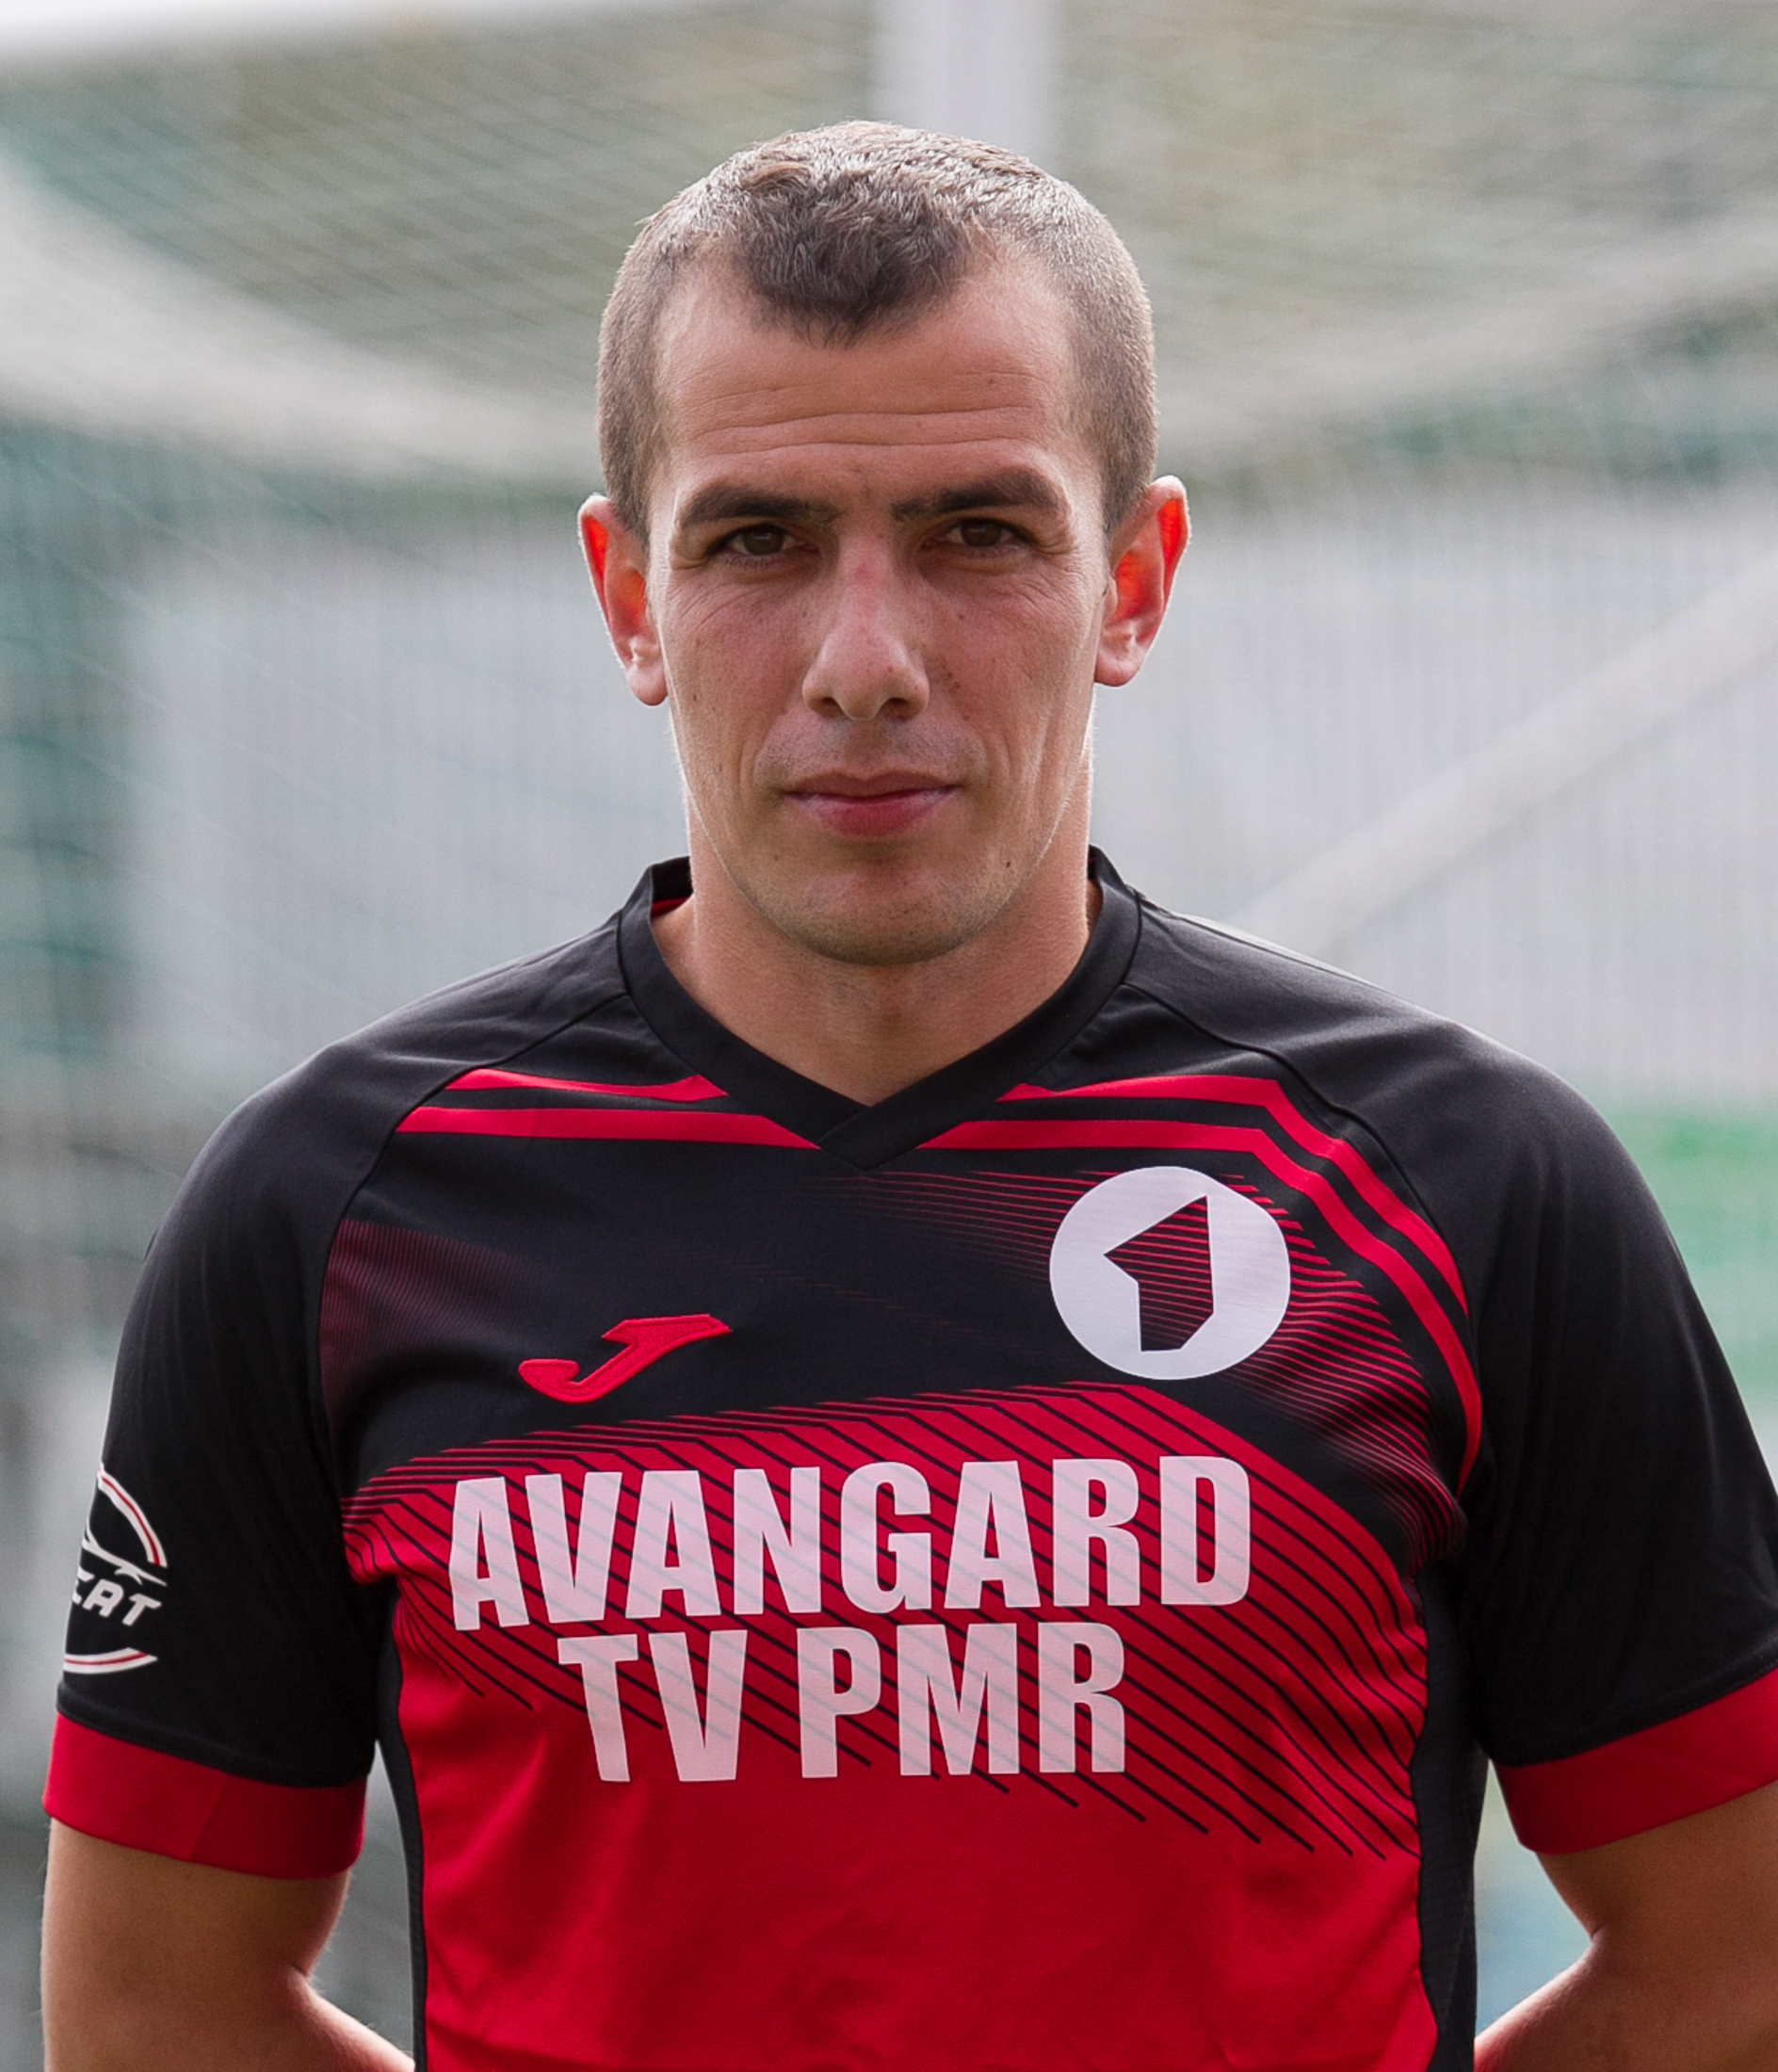 Болигарь Андрей